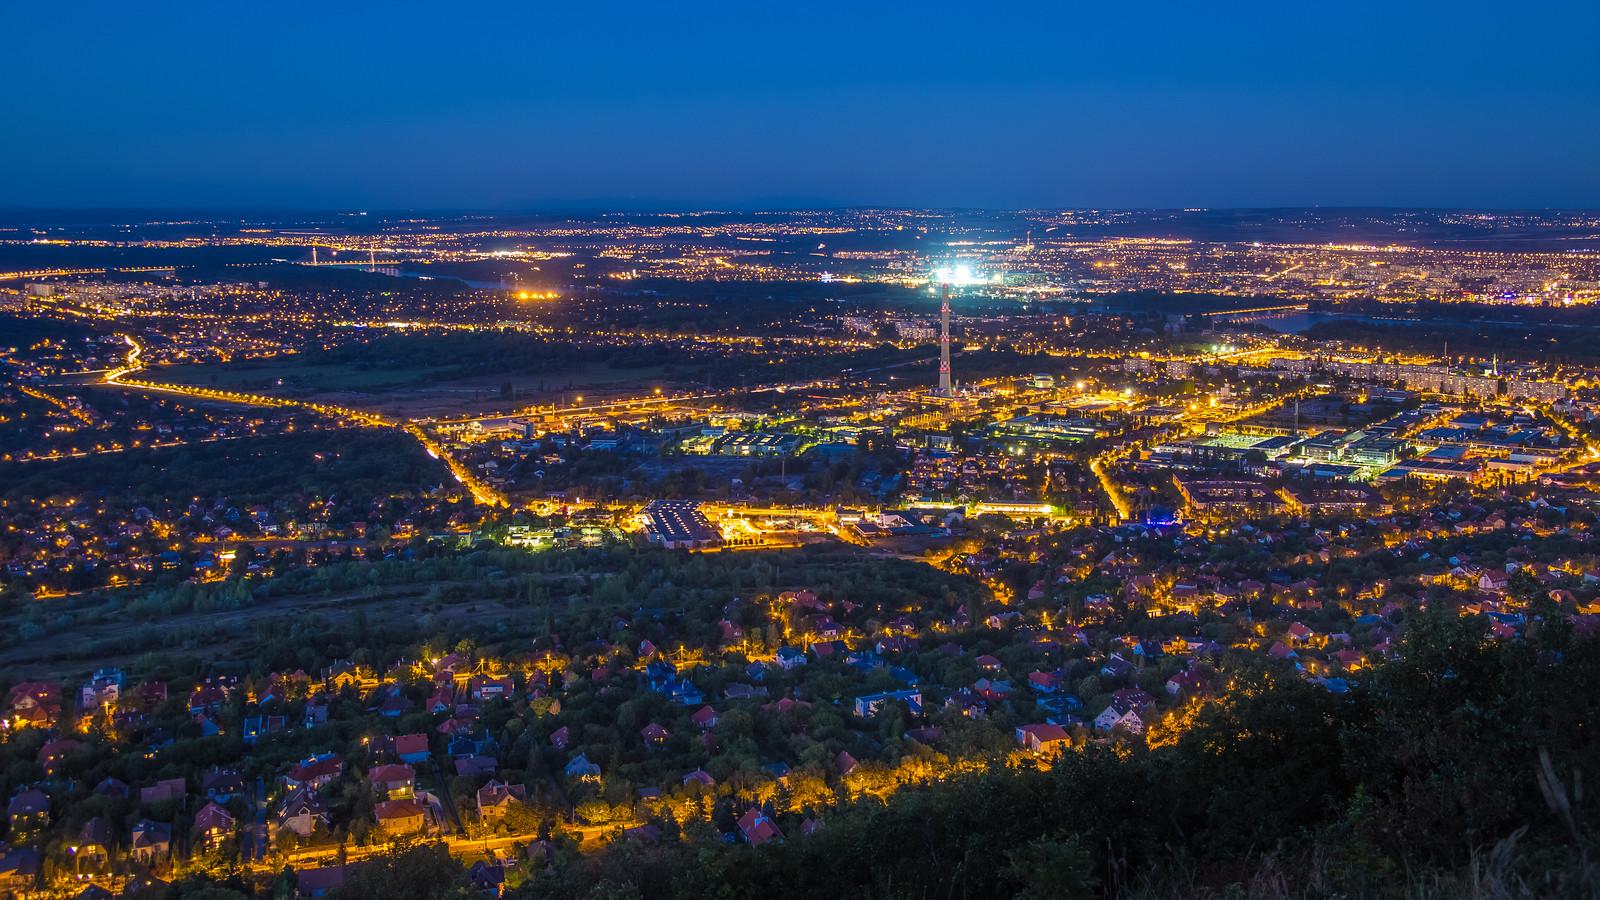 Kilátás Óbuda felé a Hármashatár hegyről